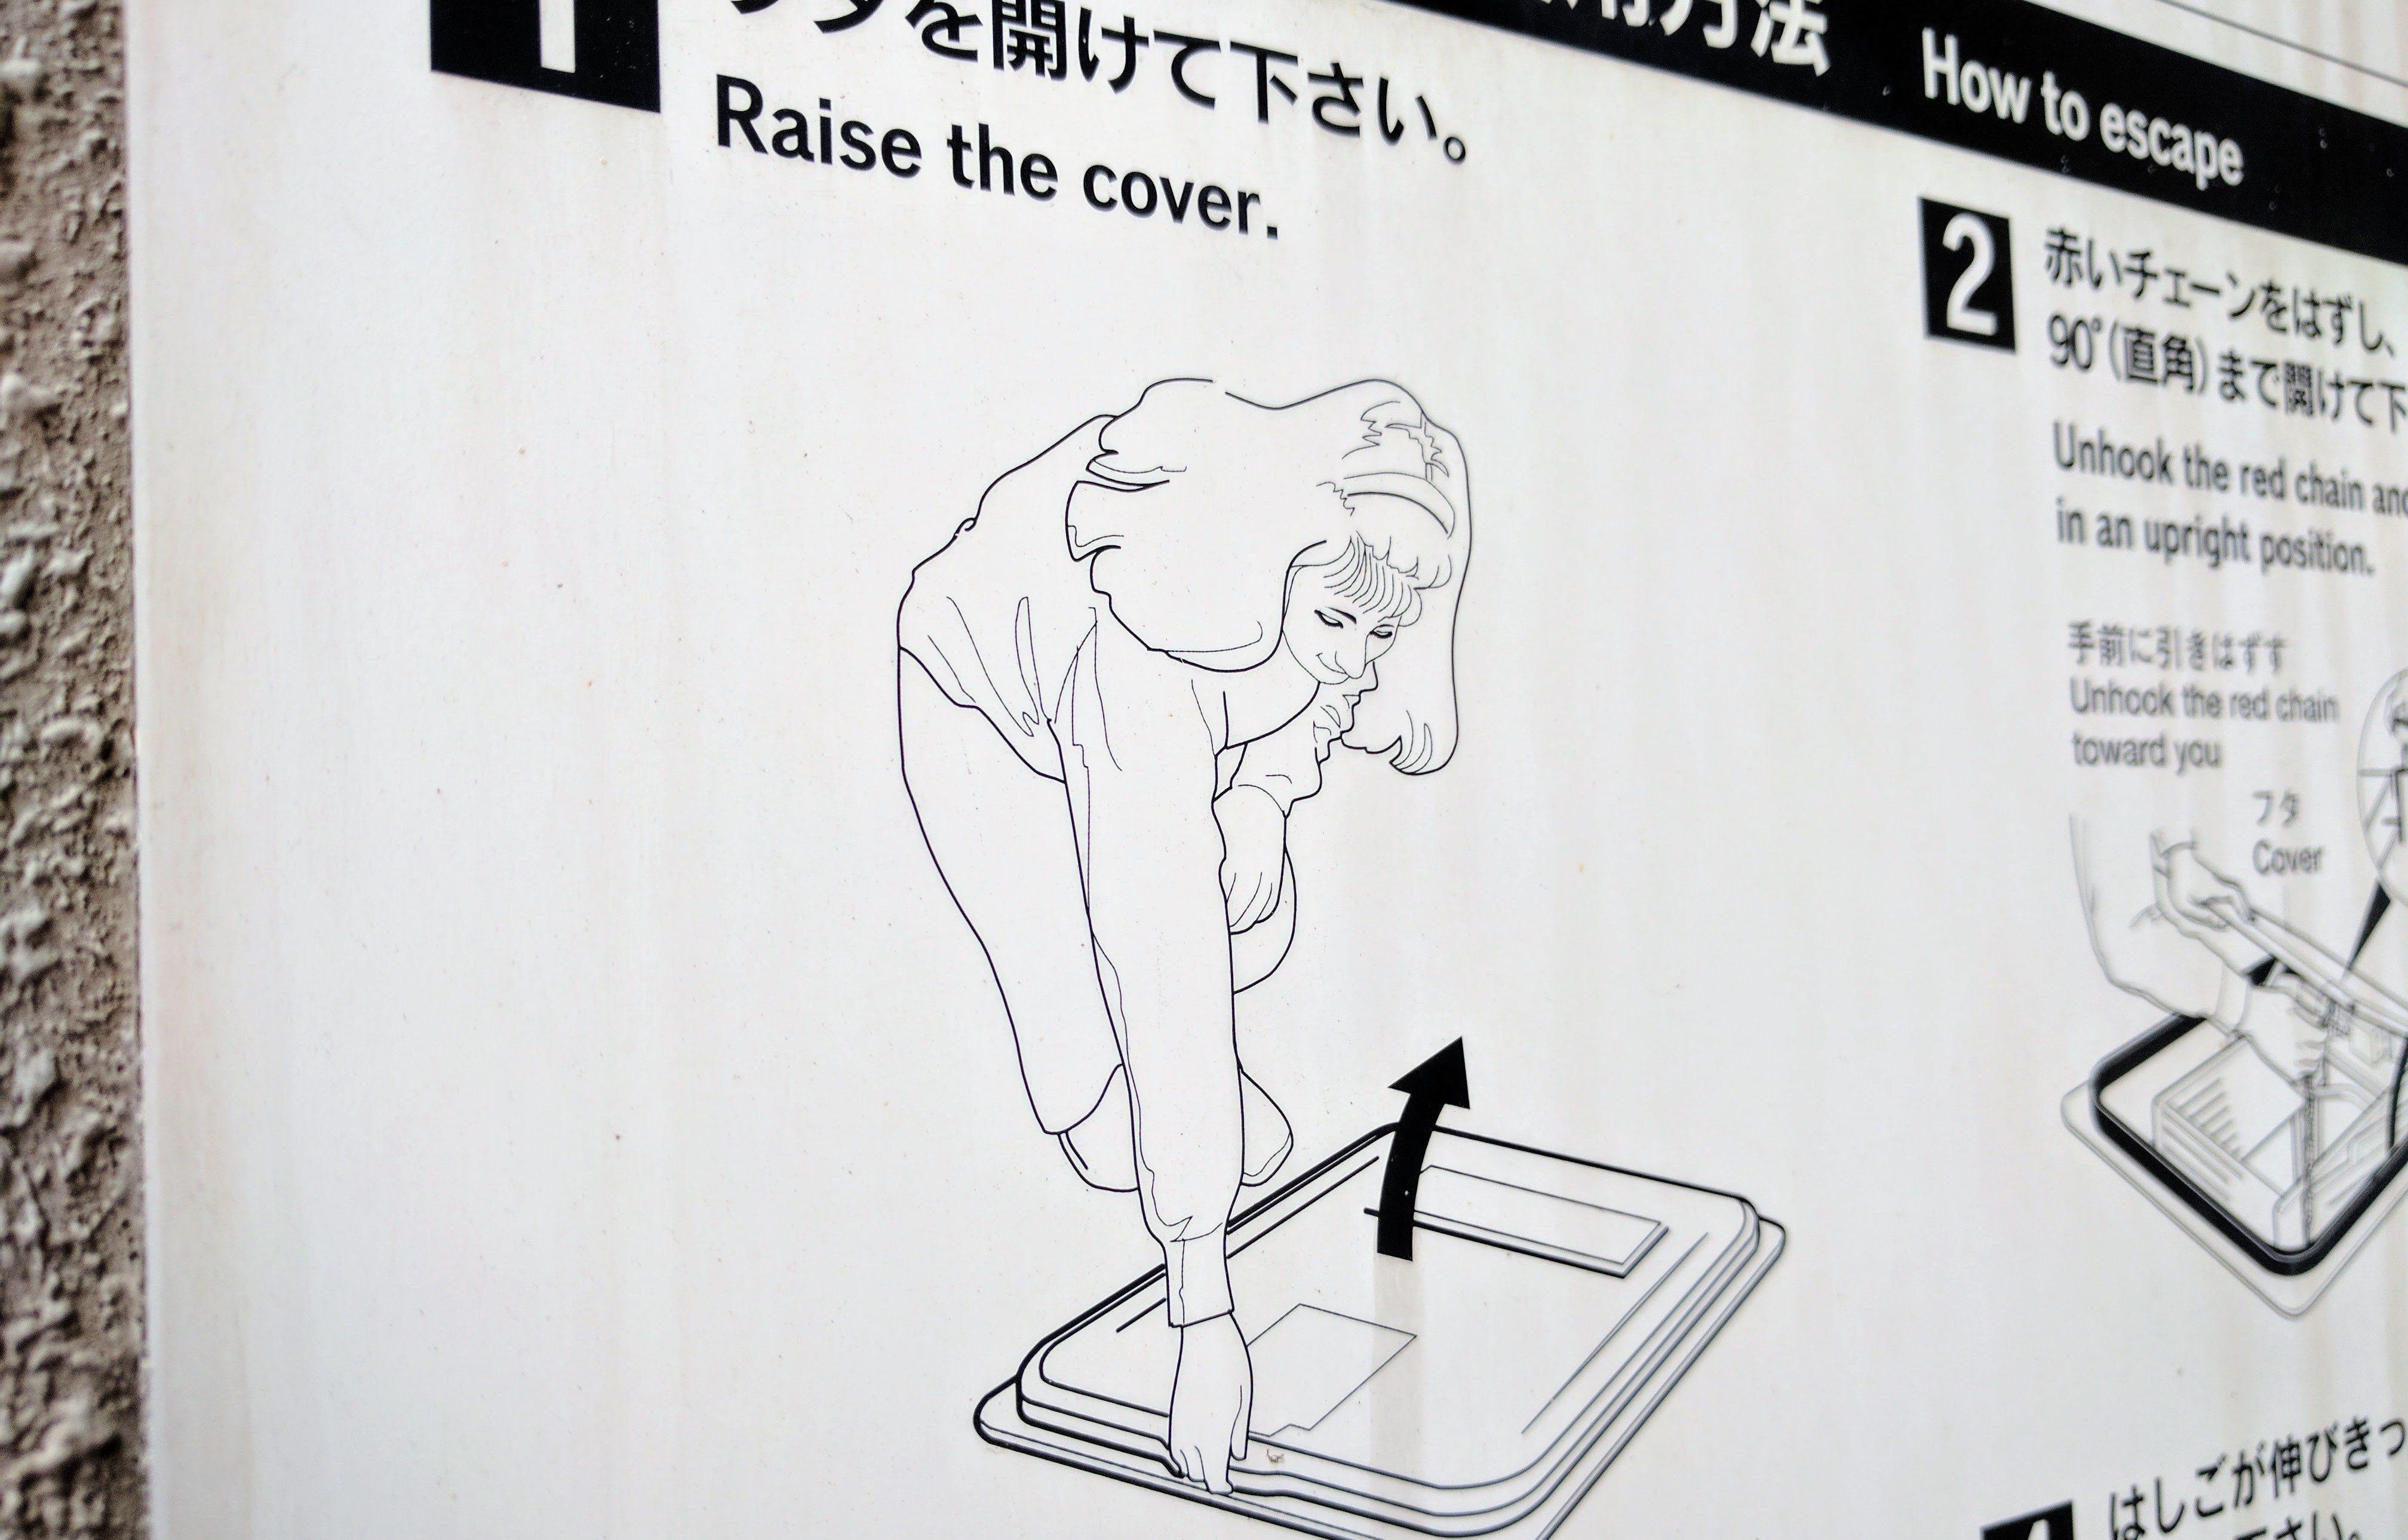 オトナのための「避難器具の取扱説明図を楽しむ会」